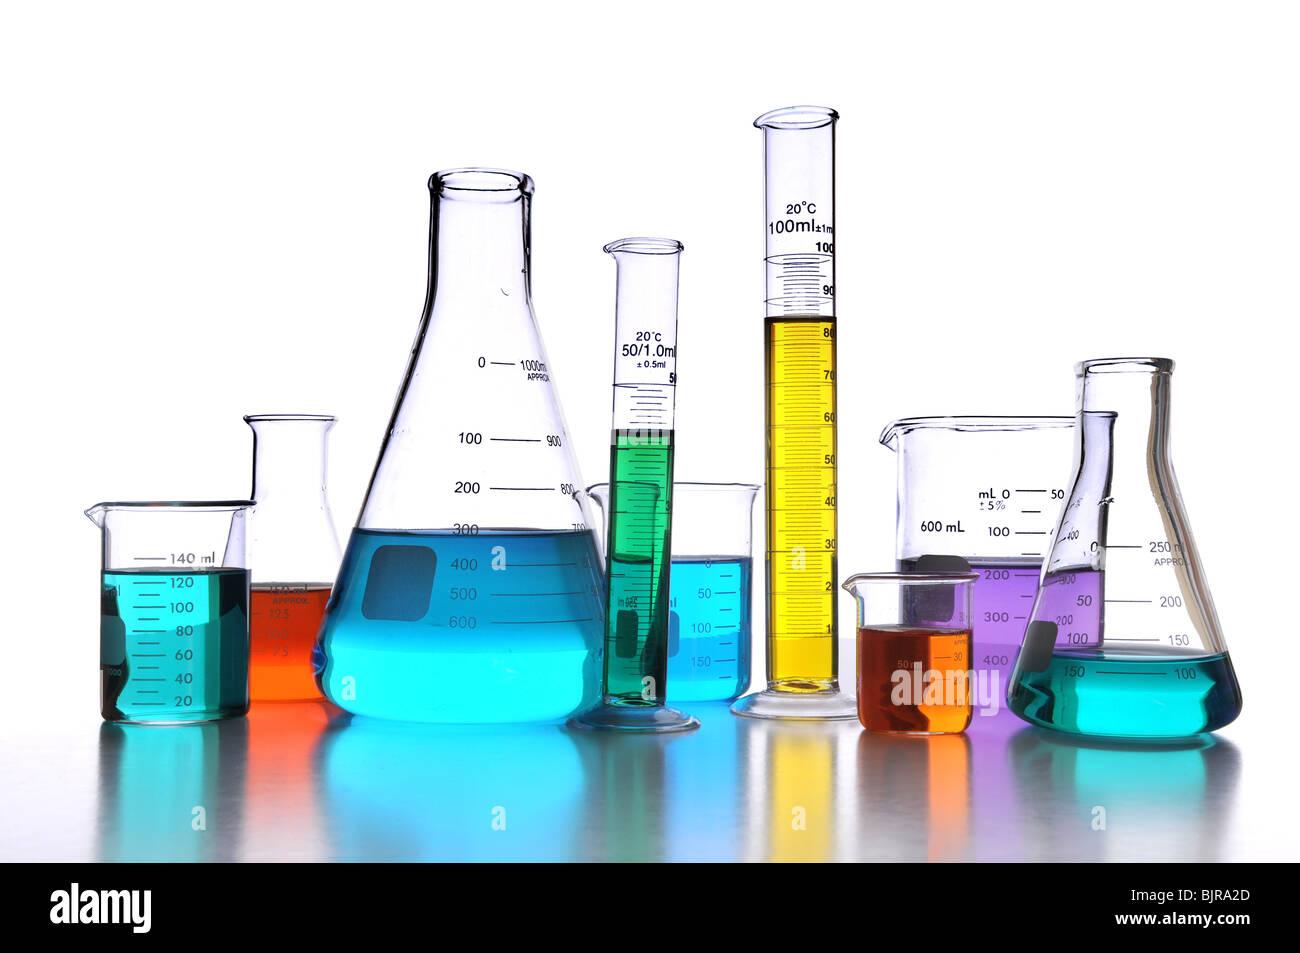 Laborglas auf weißem Hintergrund mit Überlegungen zur Oberfläche Stockbild